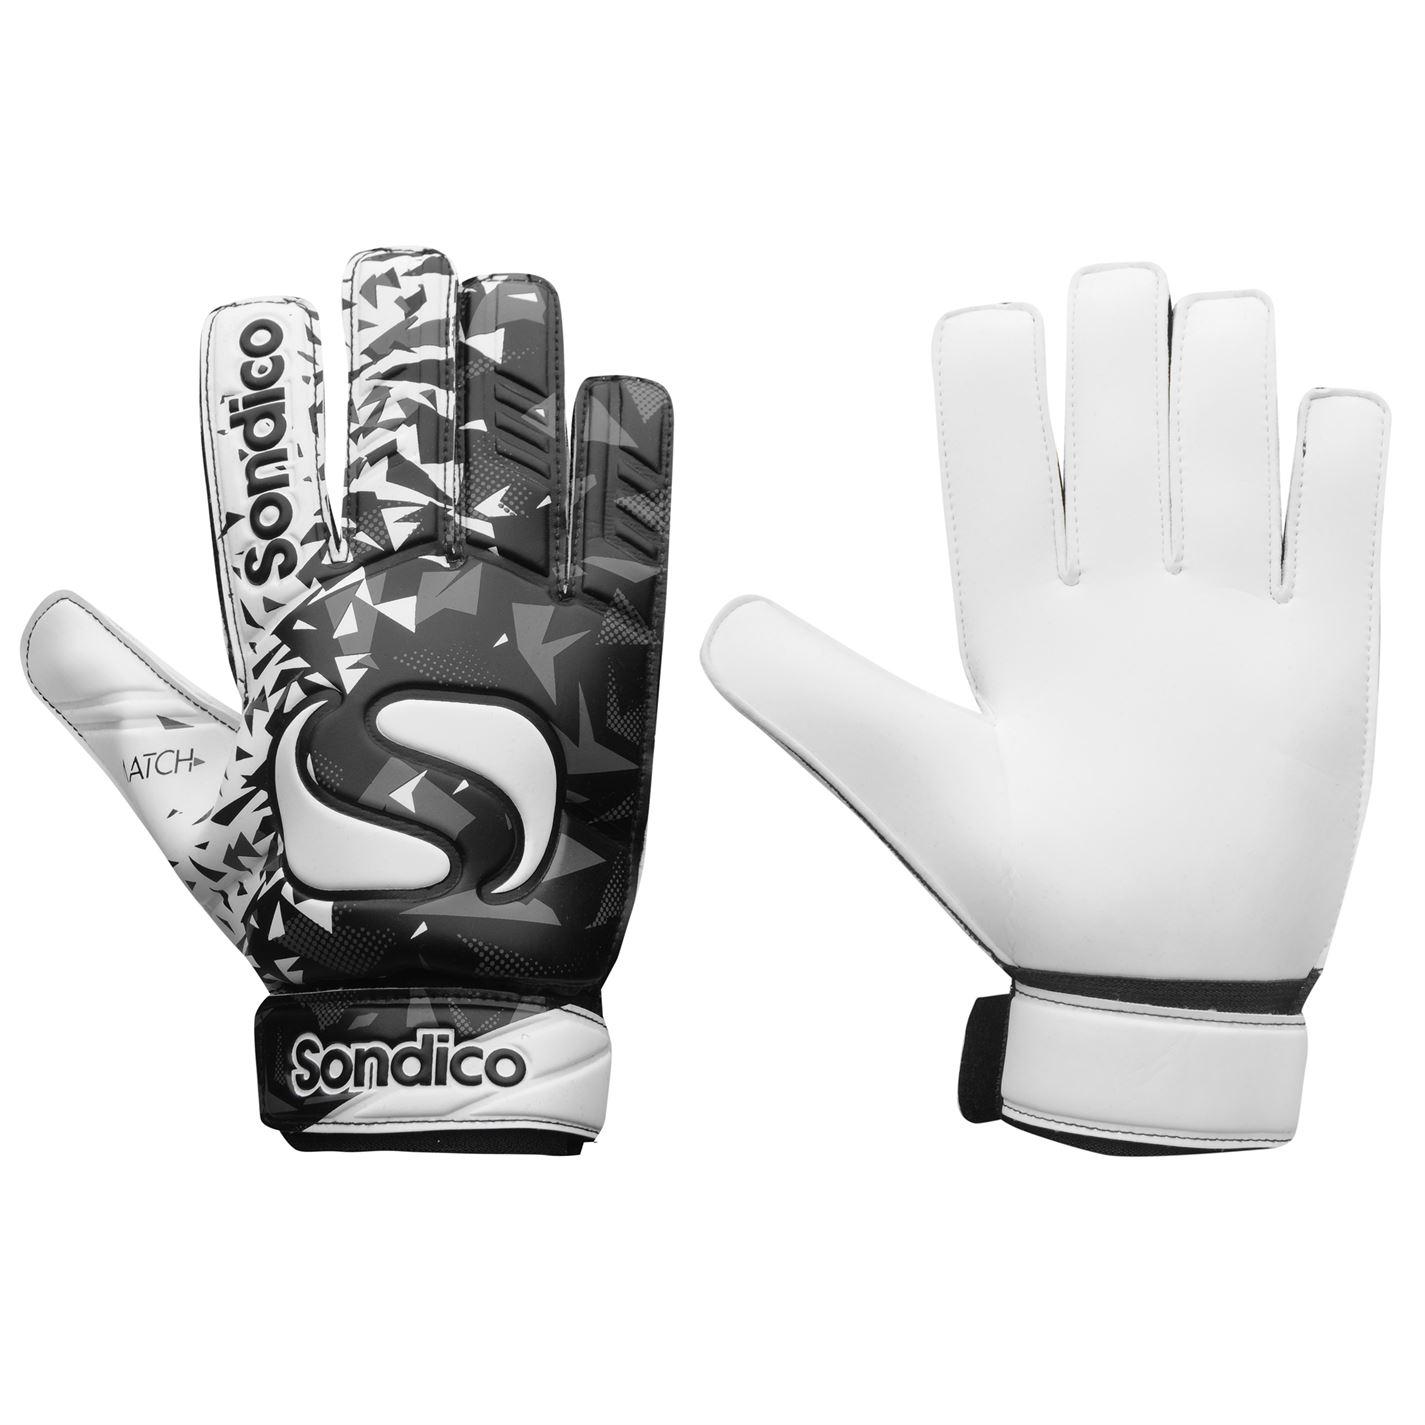 Sondico Match Mens Goalkeeper Gloves